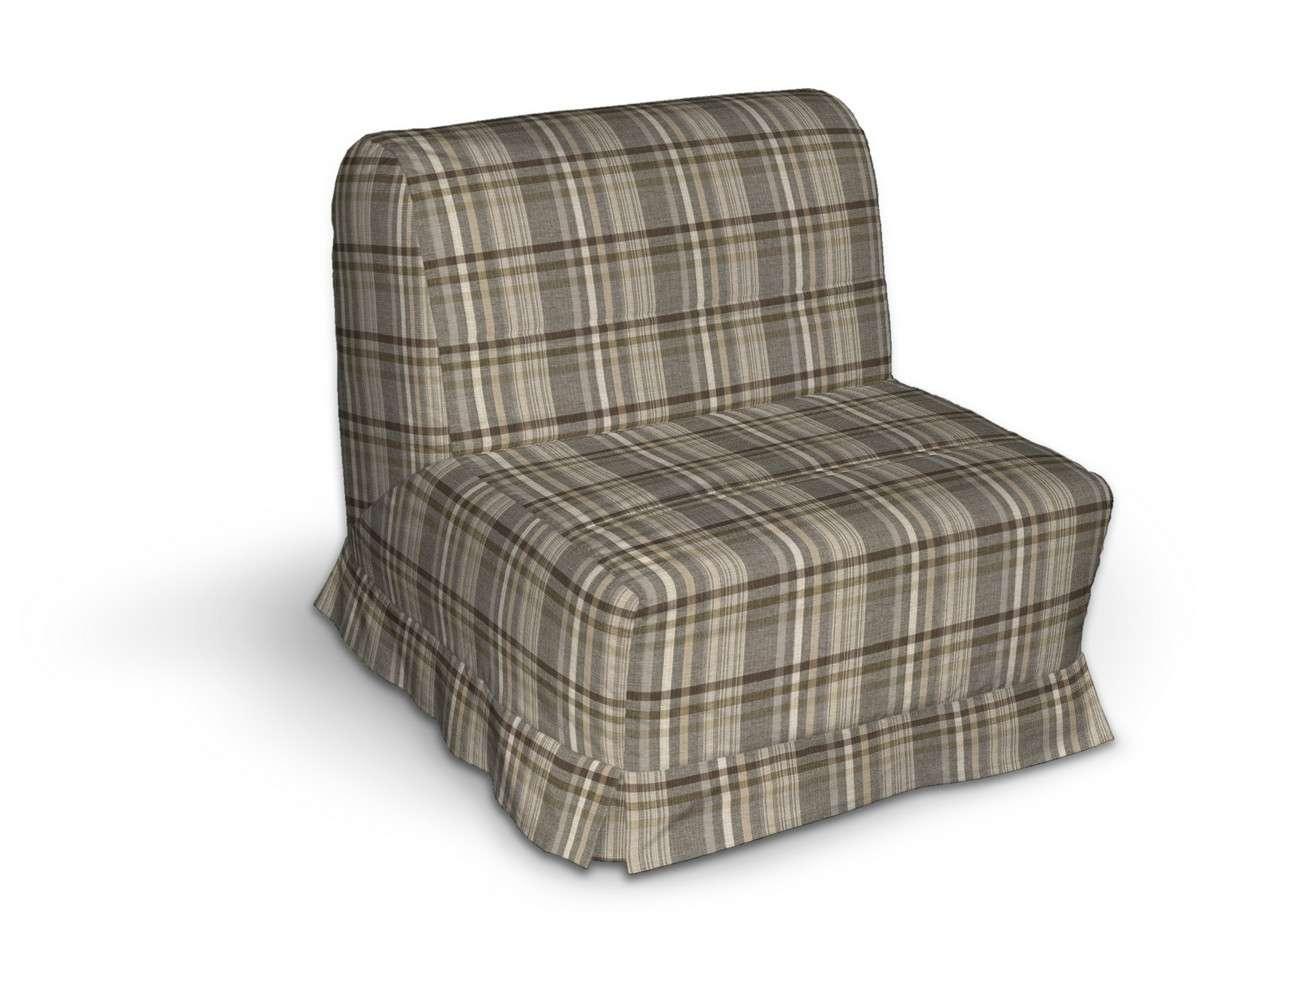 Pokrowiec na fotel Lycksele z kontrafałdami w kolekcji Edinburgh, tkanina: 703-17